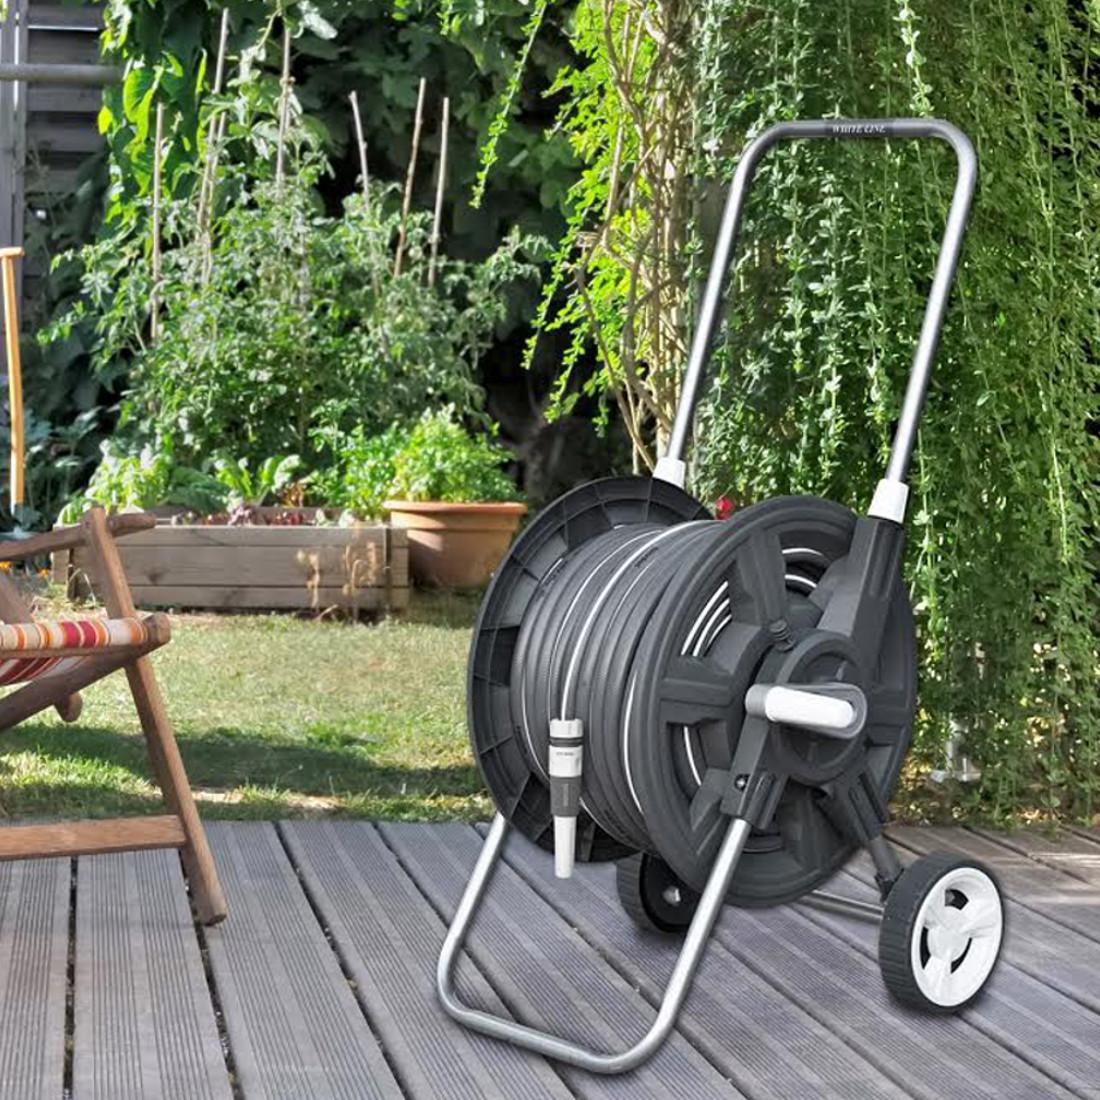 8 tlg profi schlauchwagen set white silver gartenschlauch gartenschlauchwagen. Black Bedroom Furniture Sets. Home Design Ideas